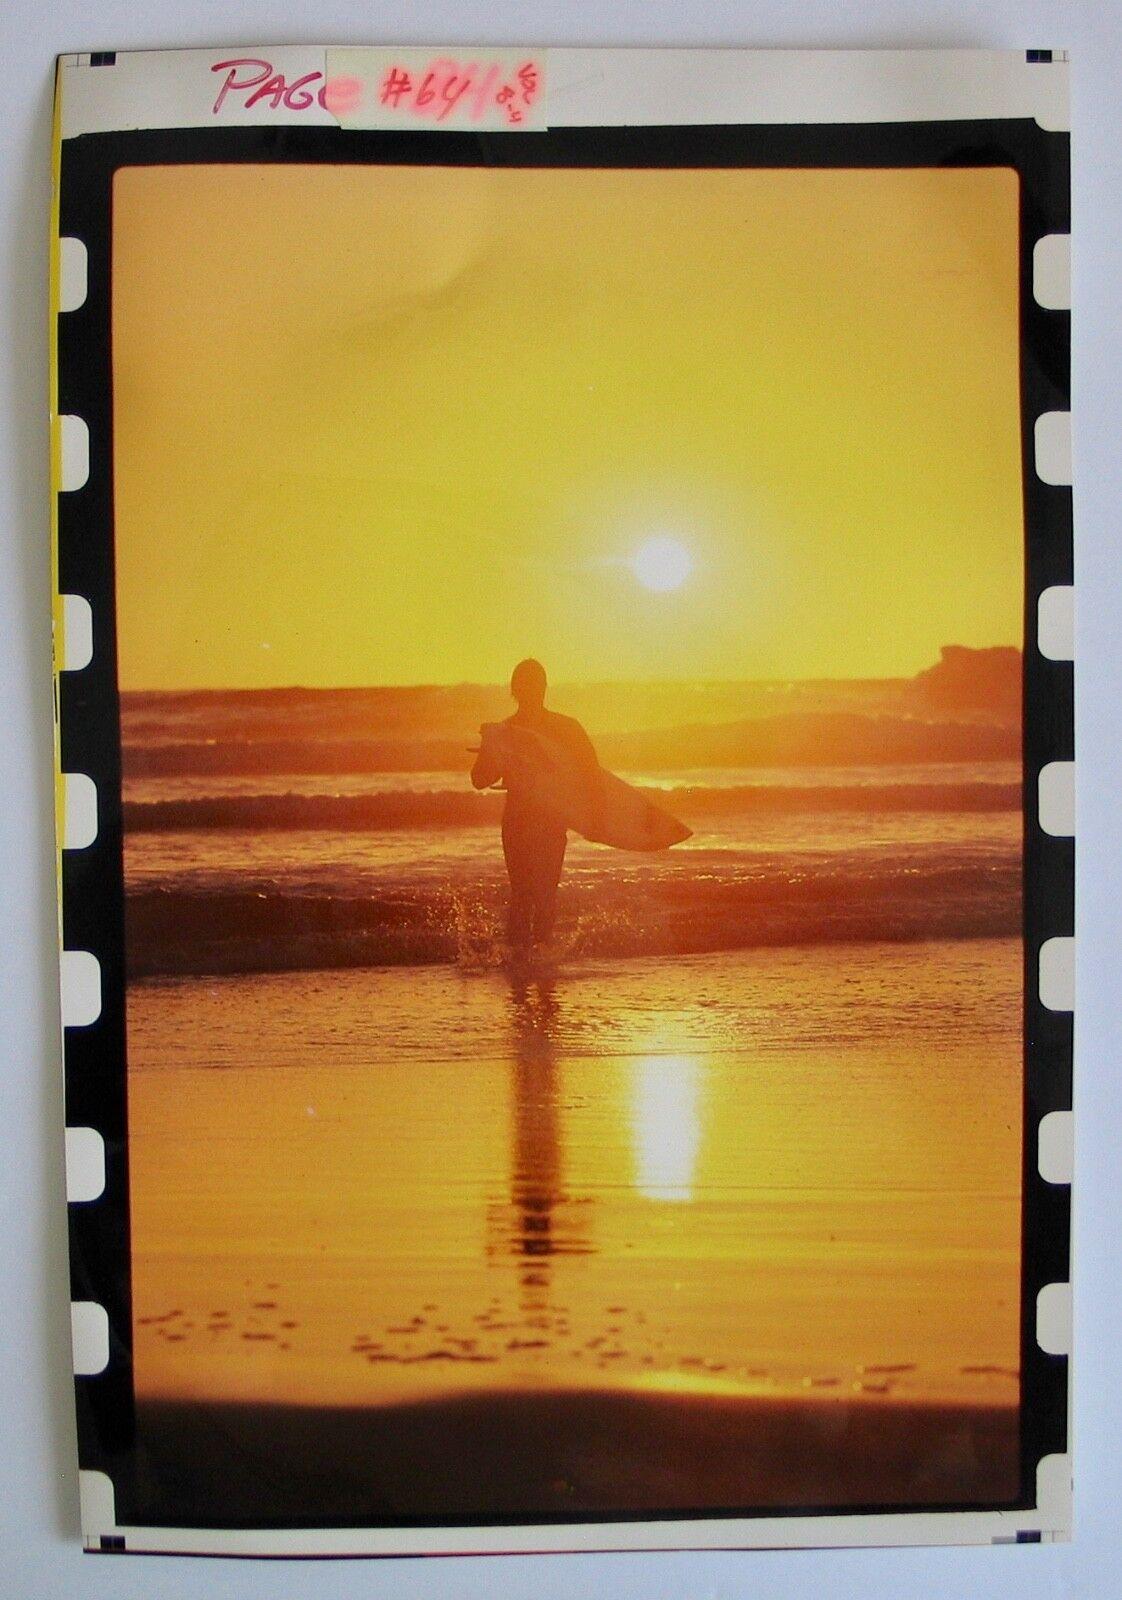 Vintage 1988 Original fotografía Breakout Surf Magazine Vol. 8 no 4 Tabla De Surf 4